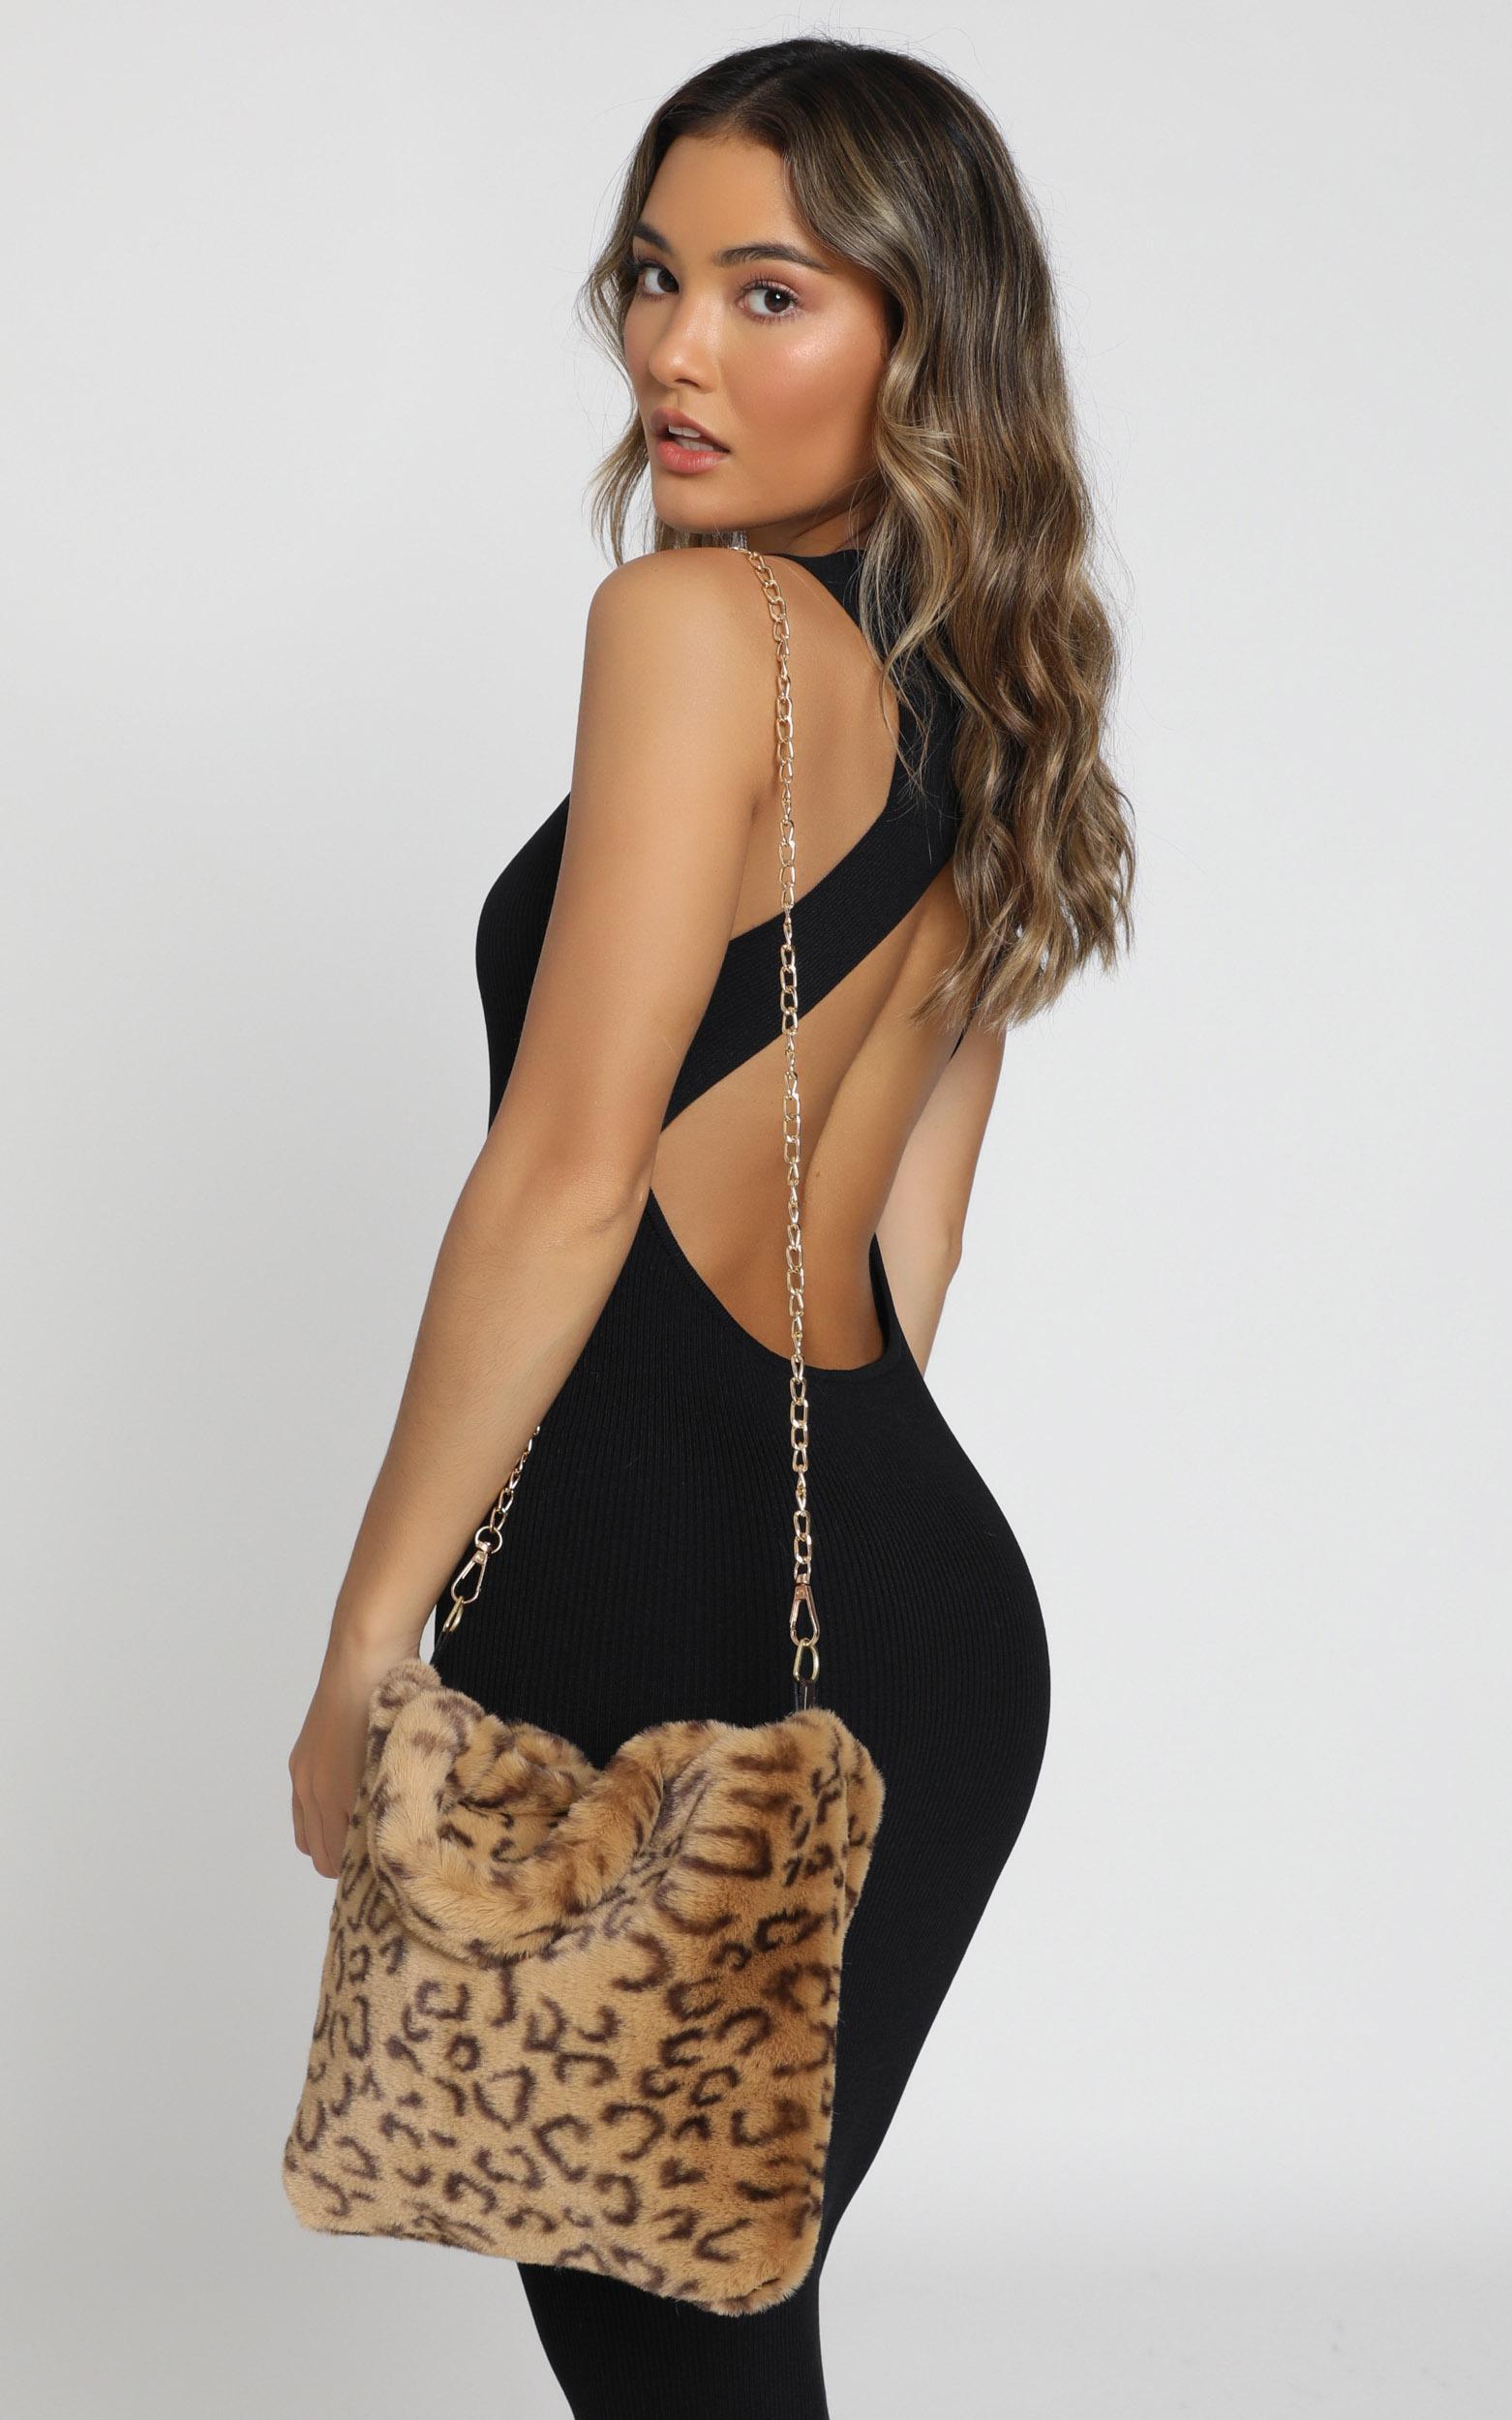 Cool Chic Cheetah Furry Bag In Tan, , hi-res image number null